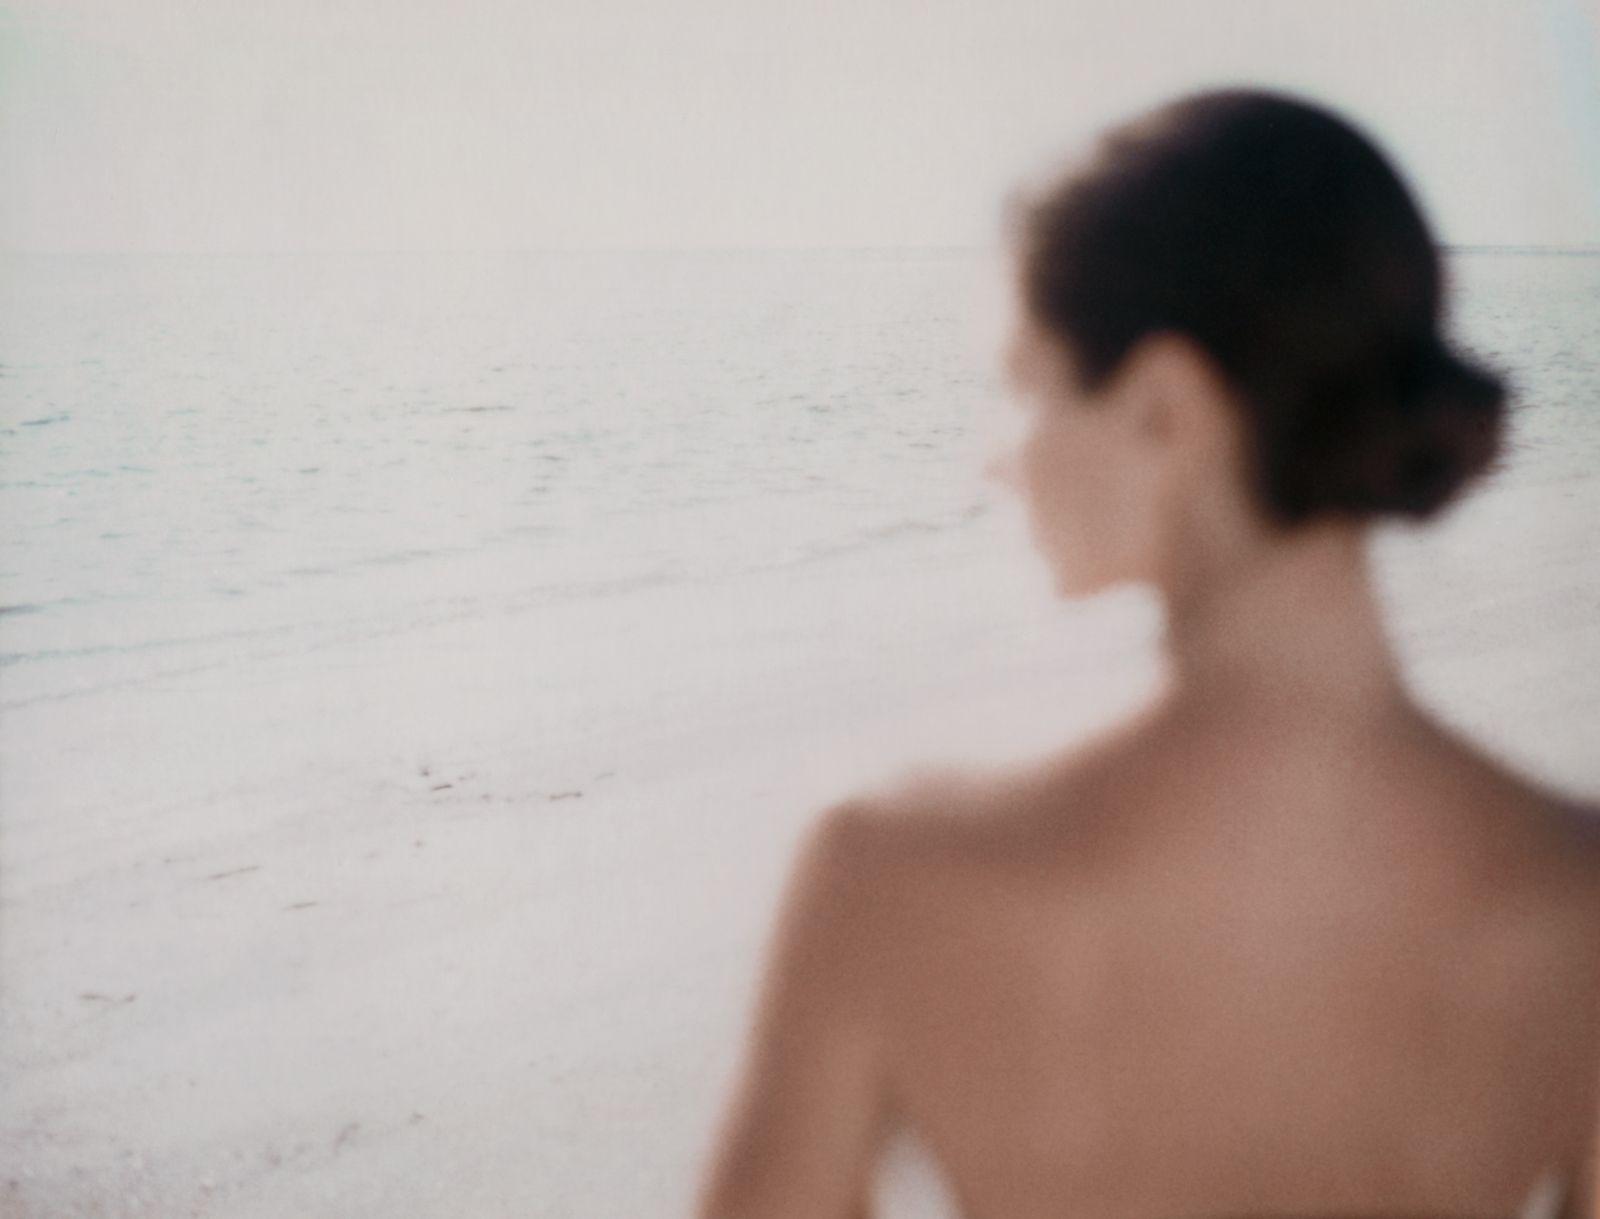 Woman on beach, rear view, defocused